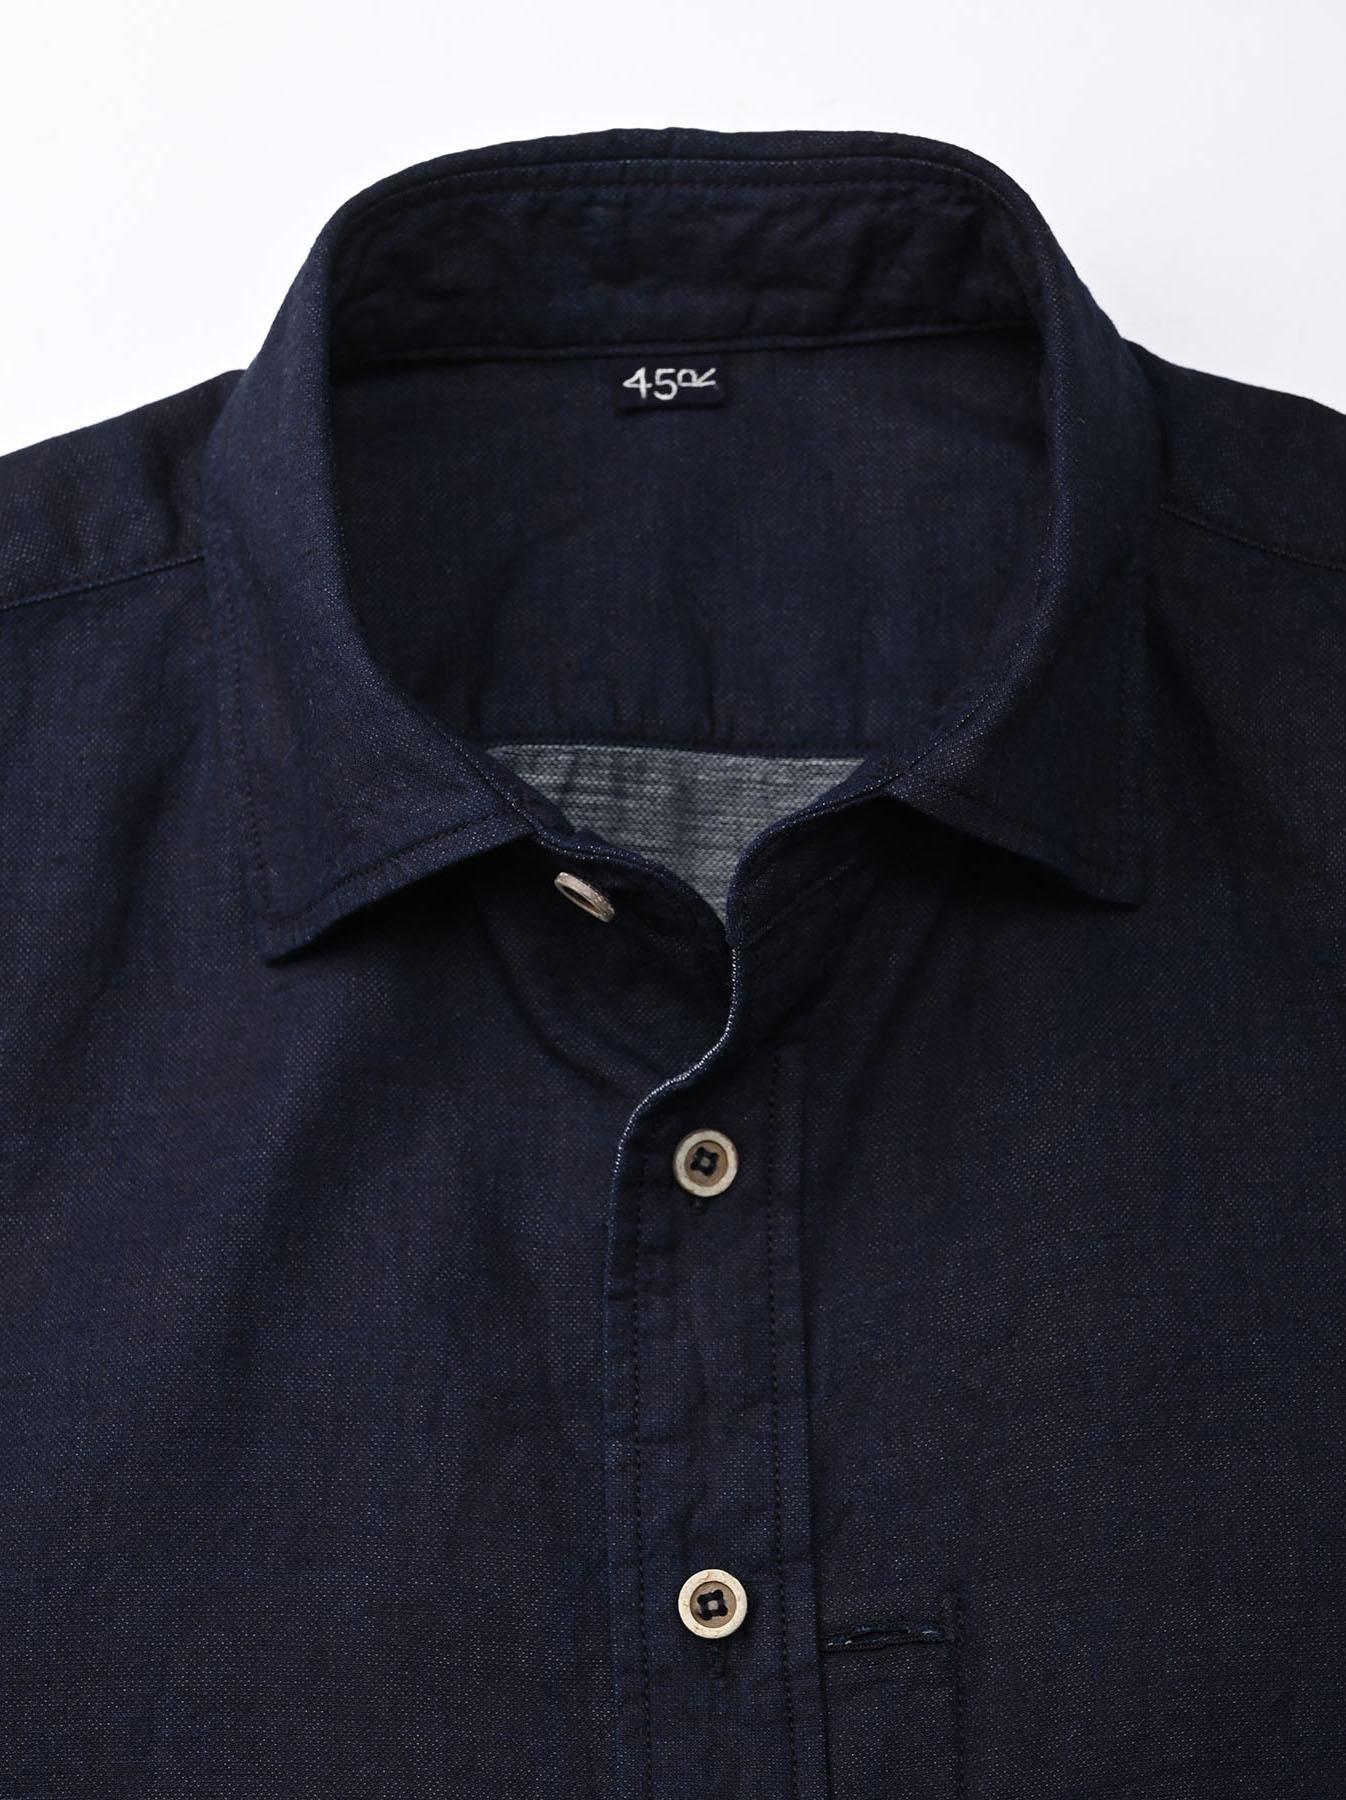 Indigo Double Woven 908 Loafer Shirt (0421)-7